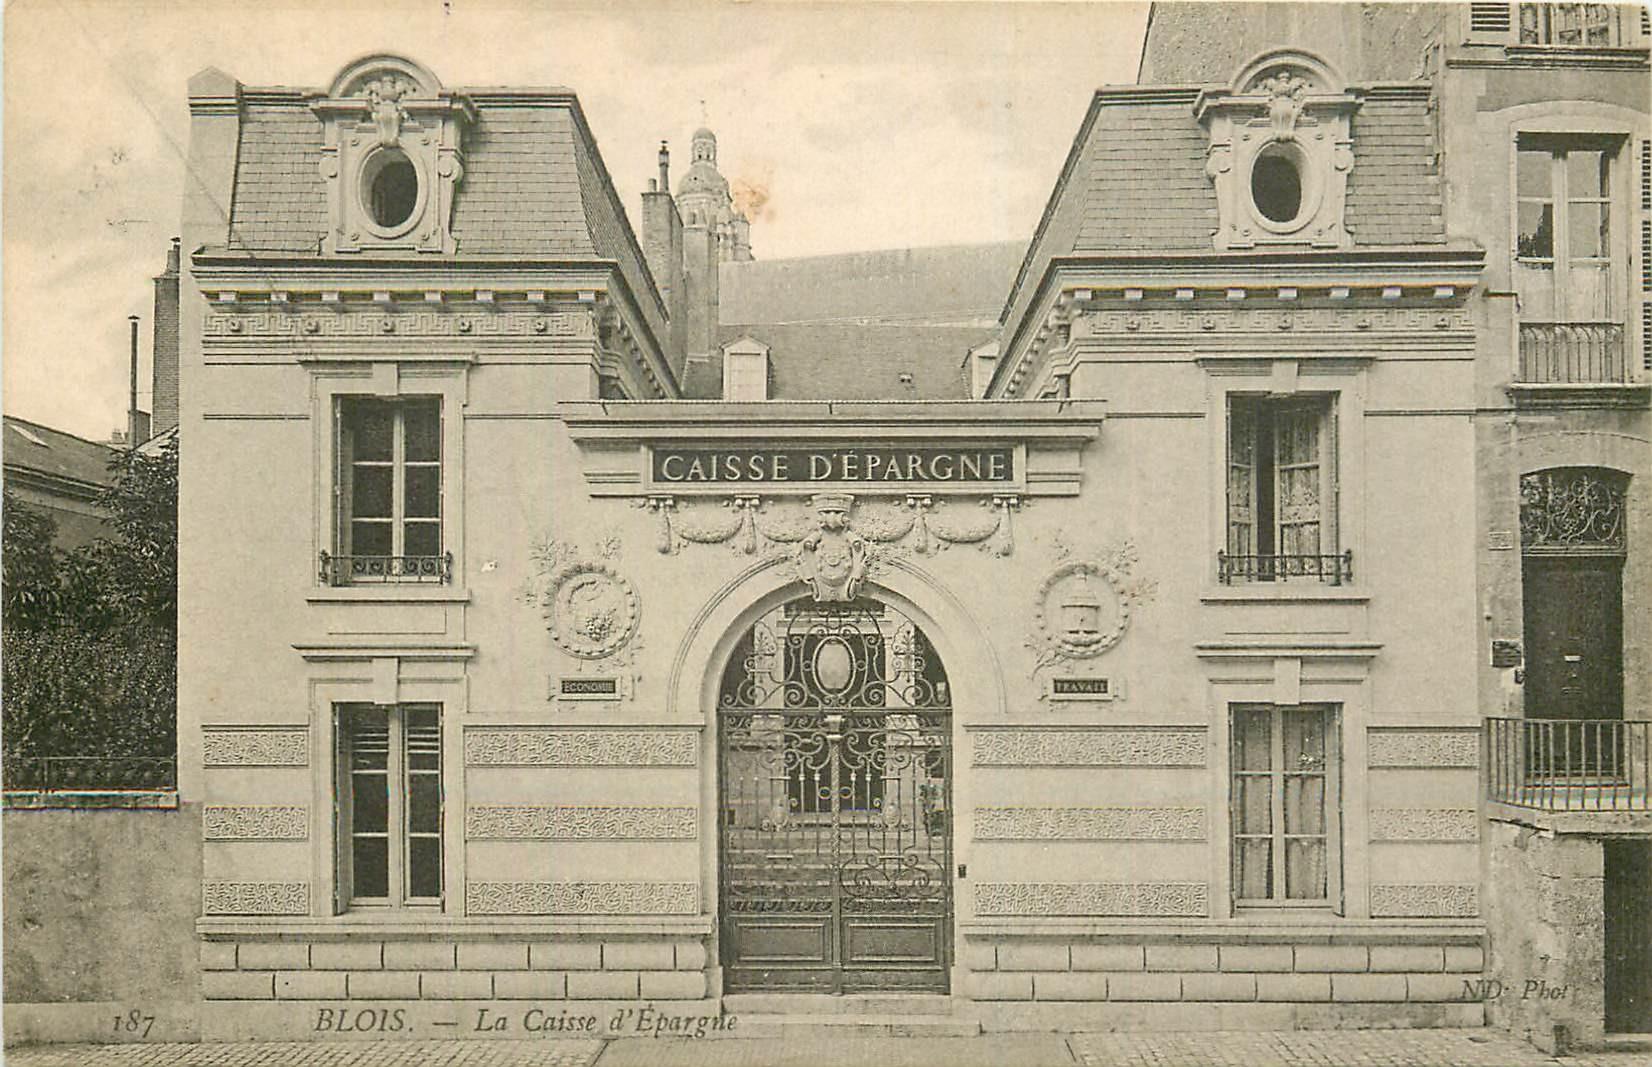 41 BLOIS. Banque la Caisse d'Epargne